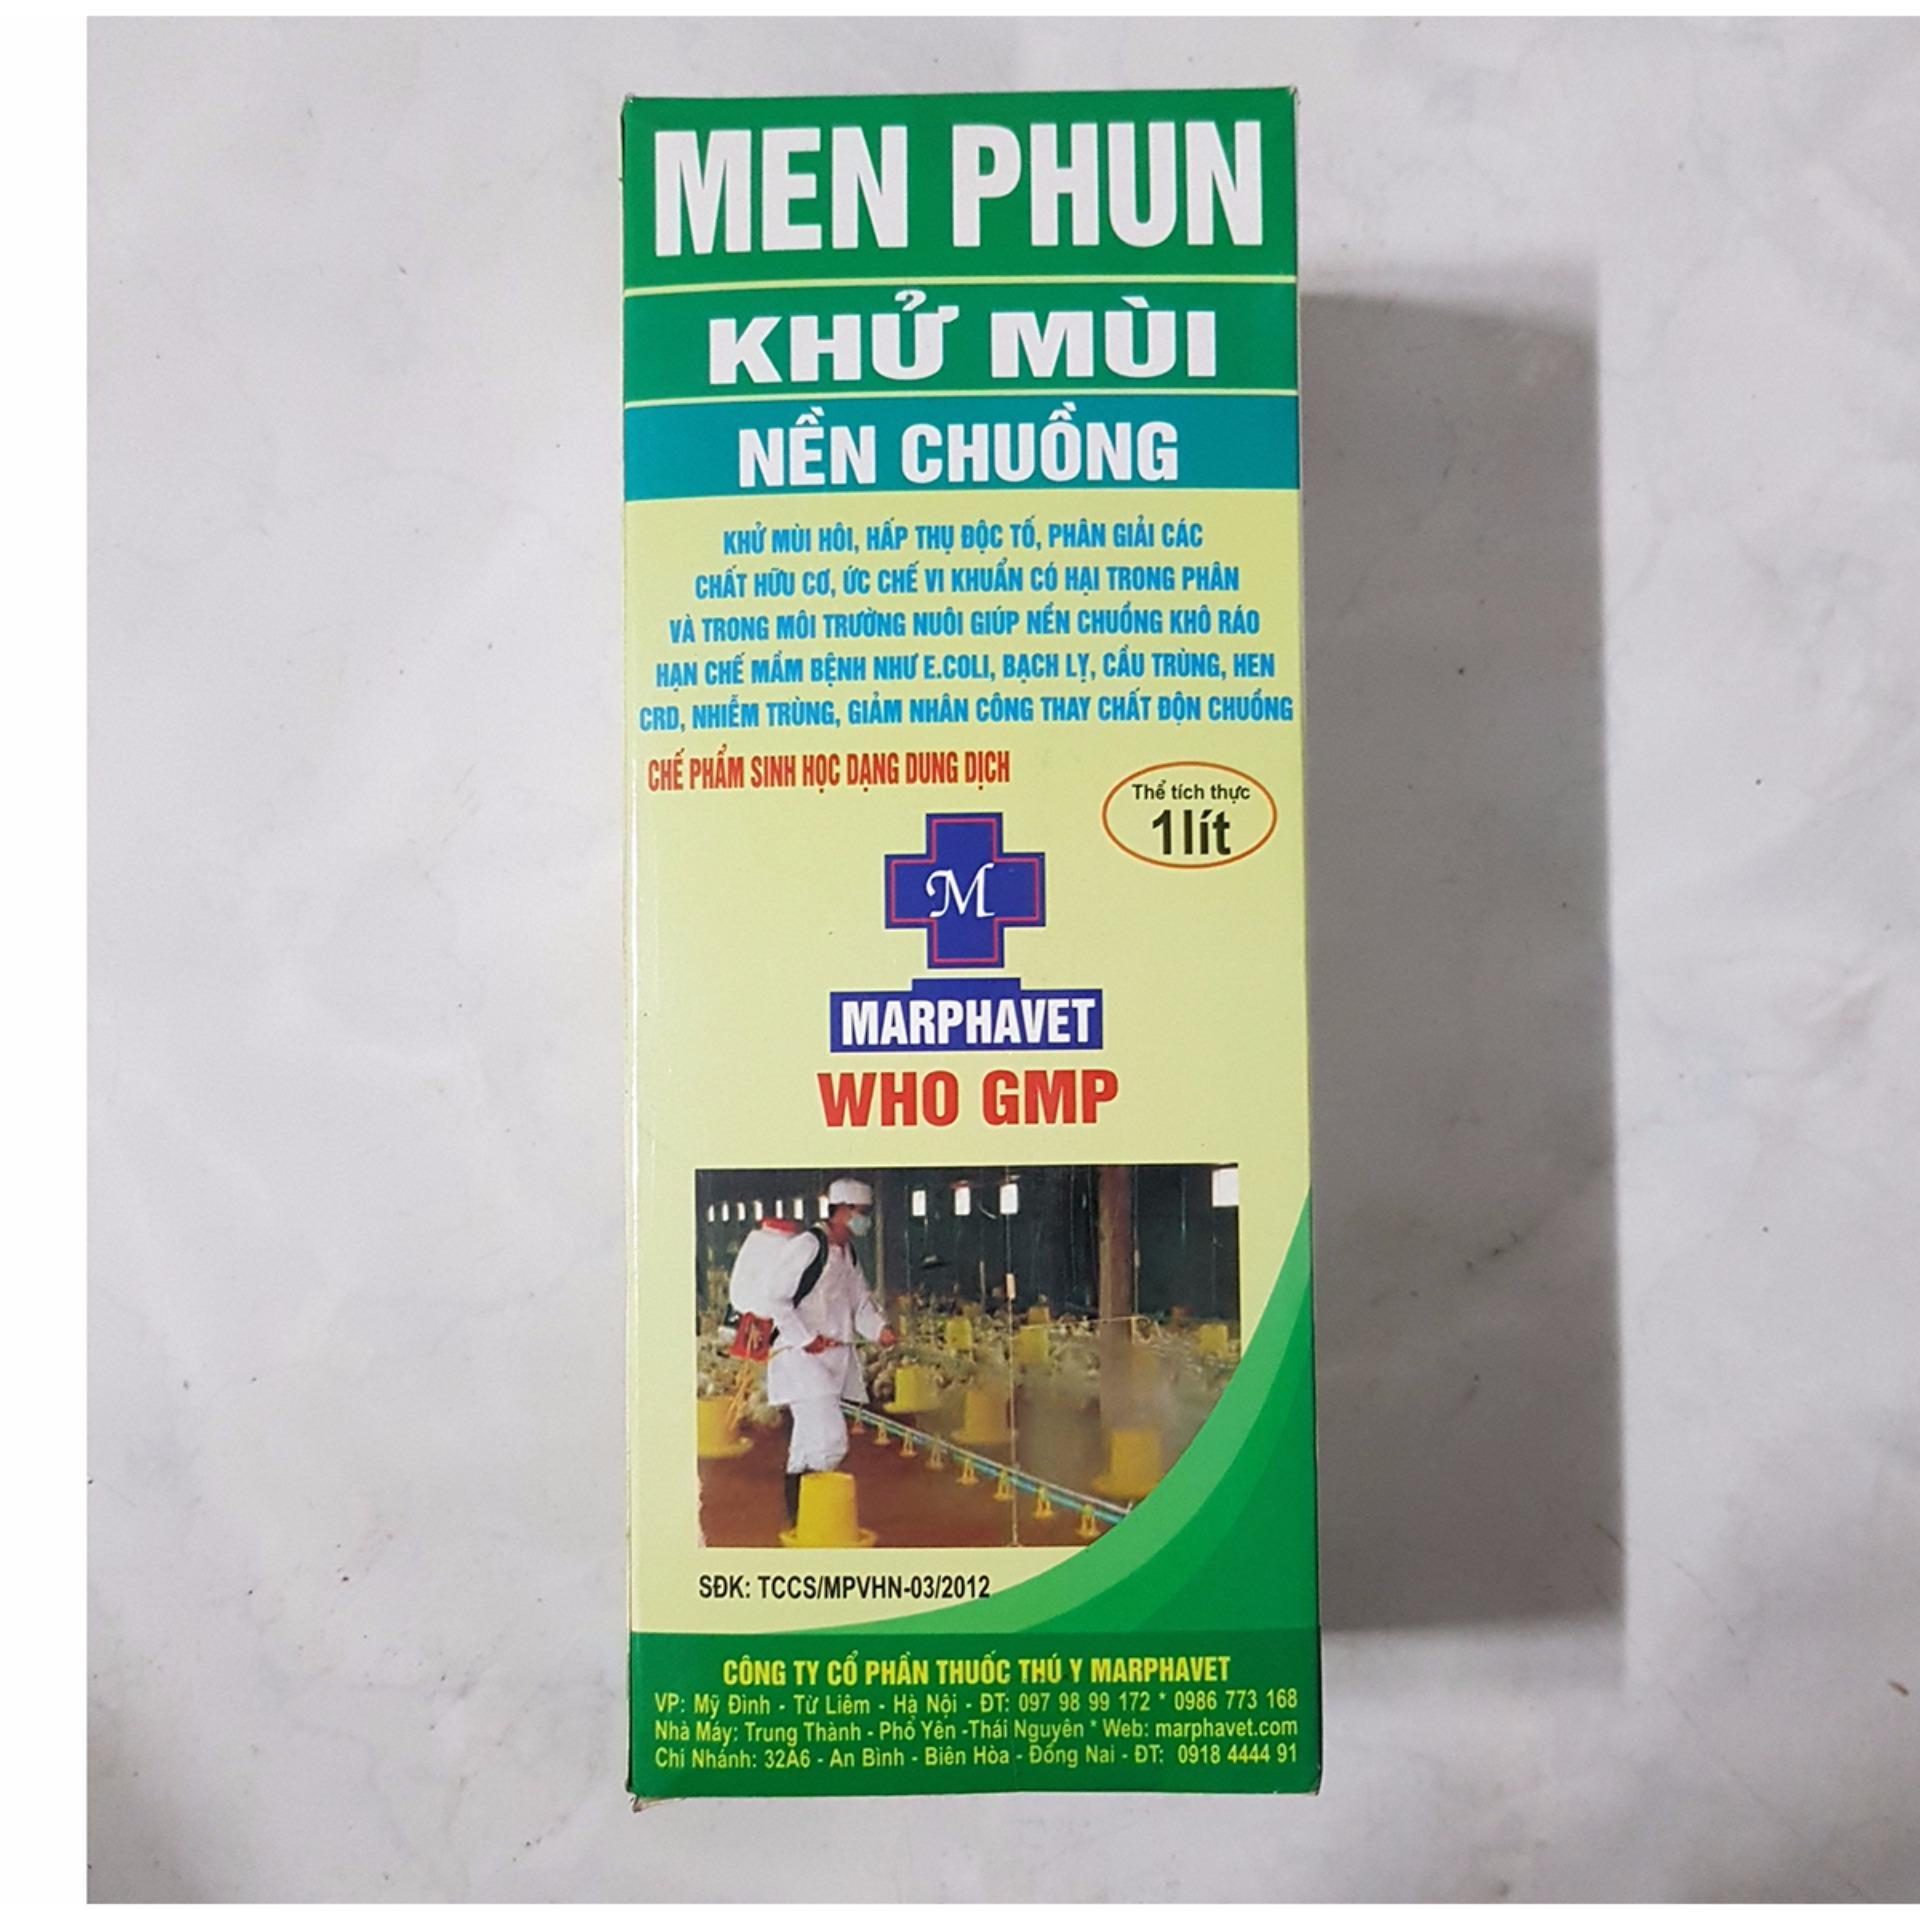 Chi tiết sản phẩm Men phun khử mùi chuồng trại, phân hủy phân thú 1 lít